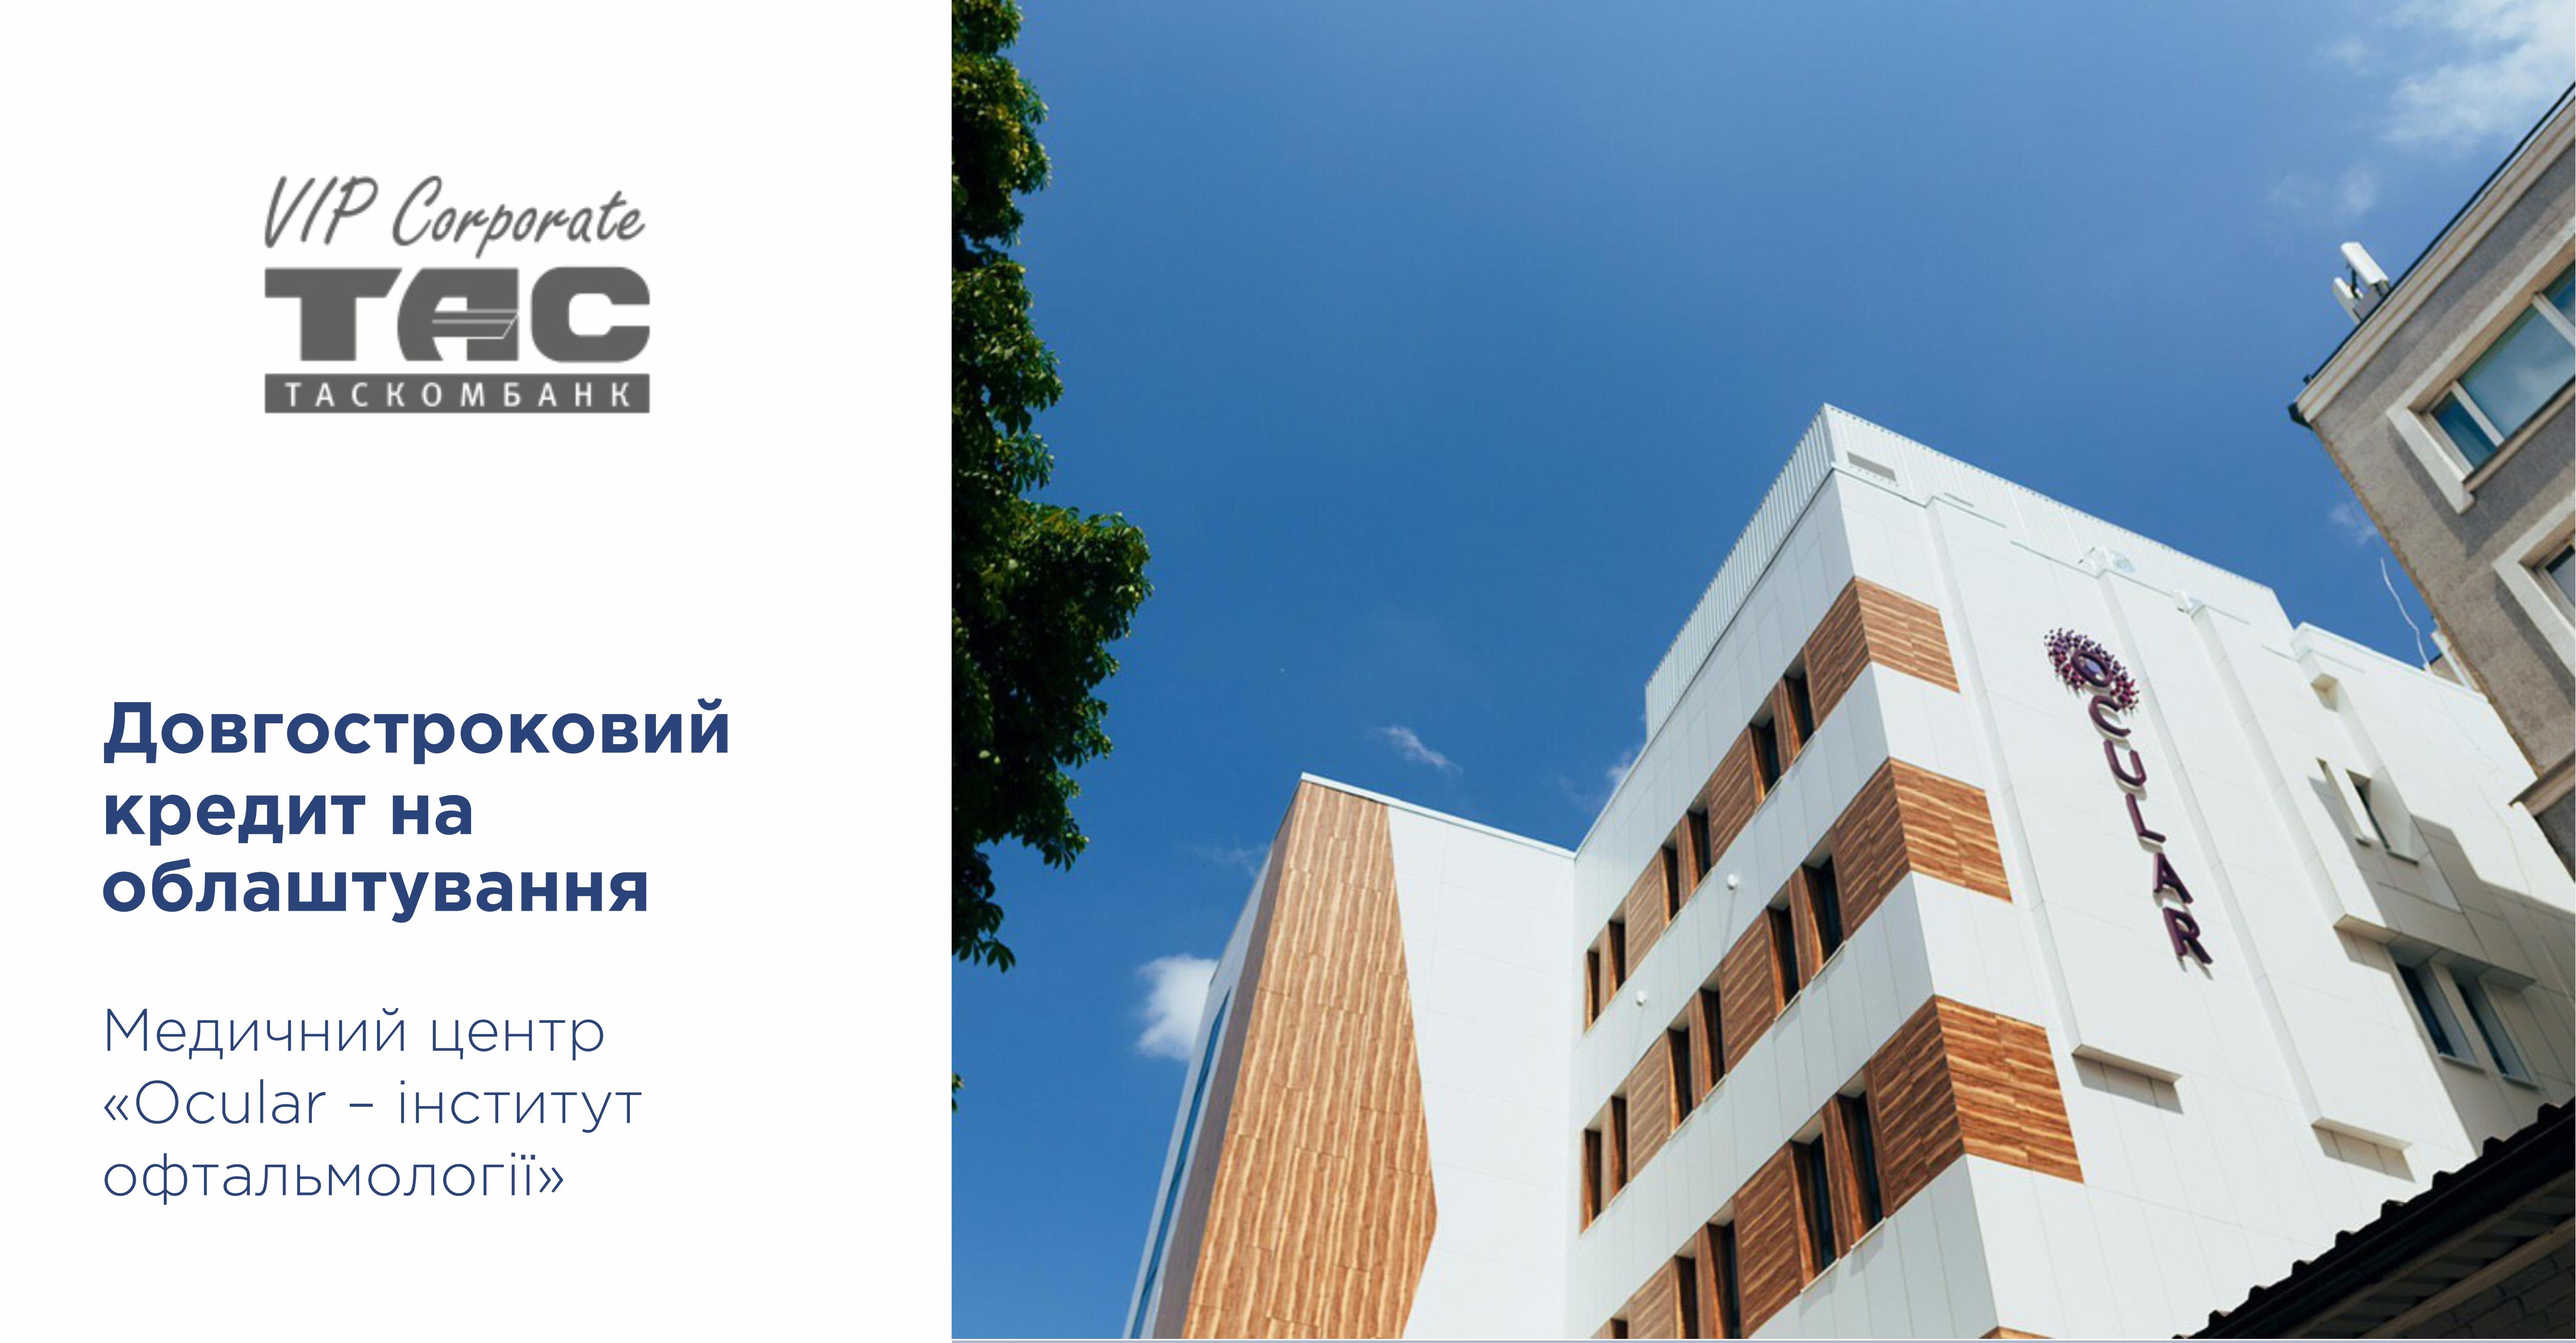 ТАСКОМБАНК надав кредит на облаштування Медичного центру «Ocular-інститут офтальмології» обсягом 50 млн грн